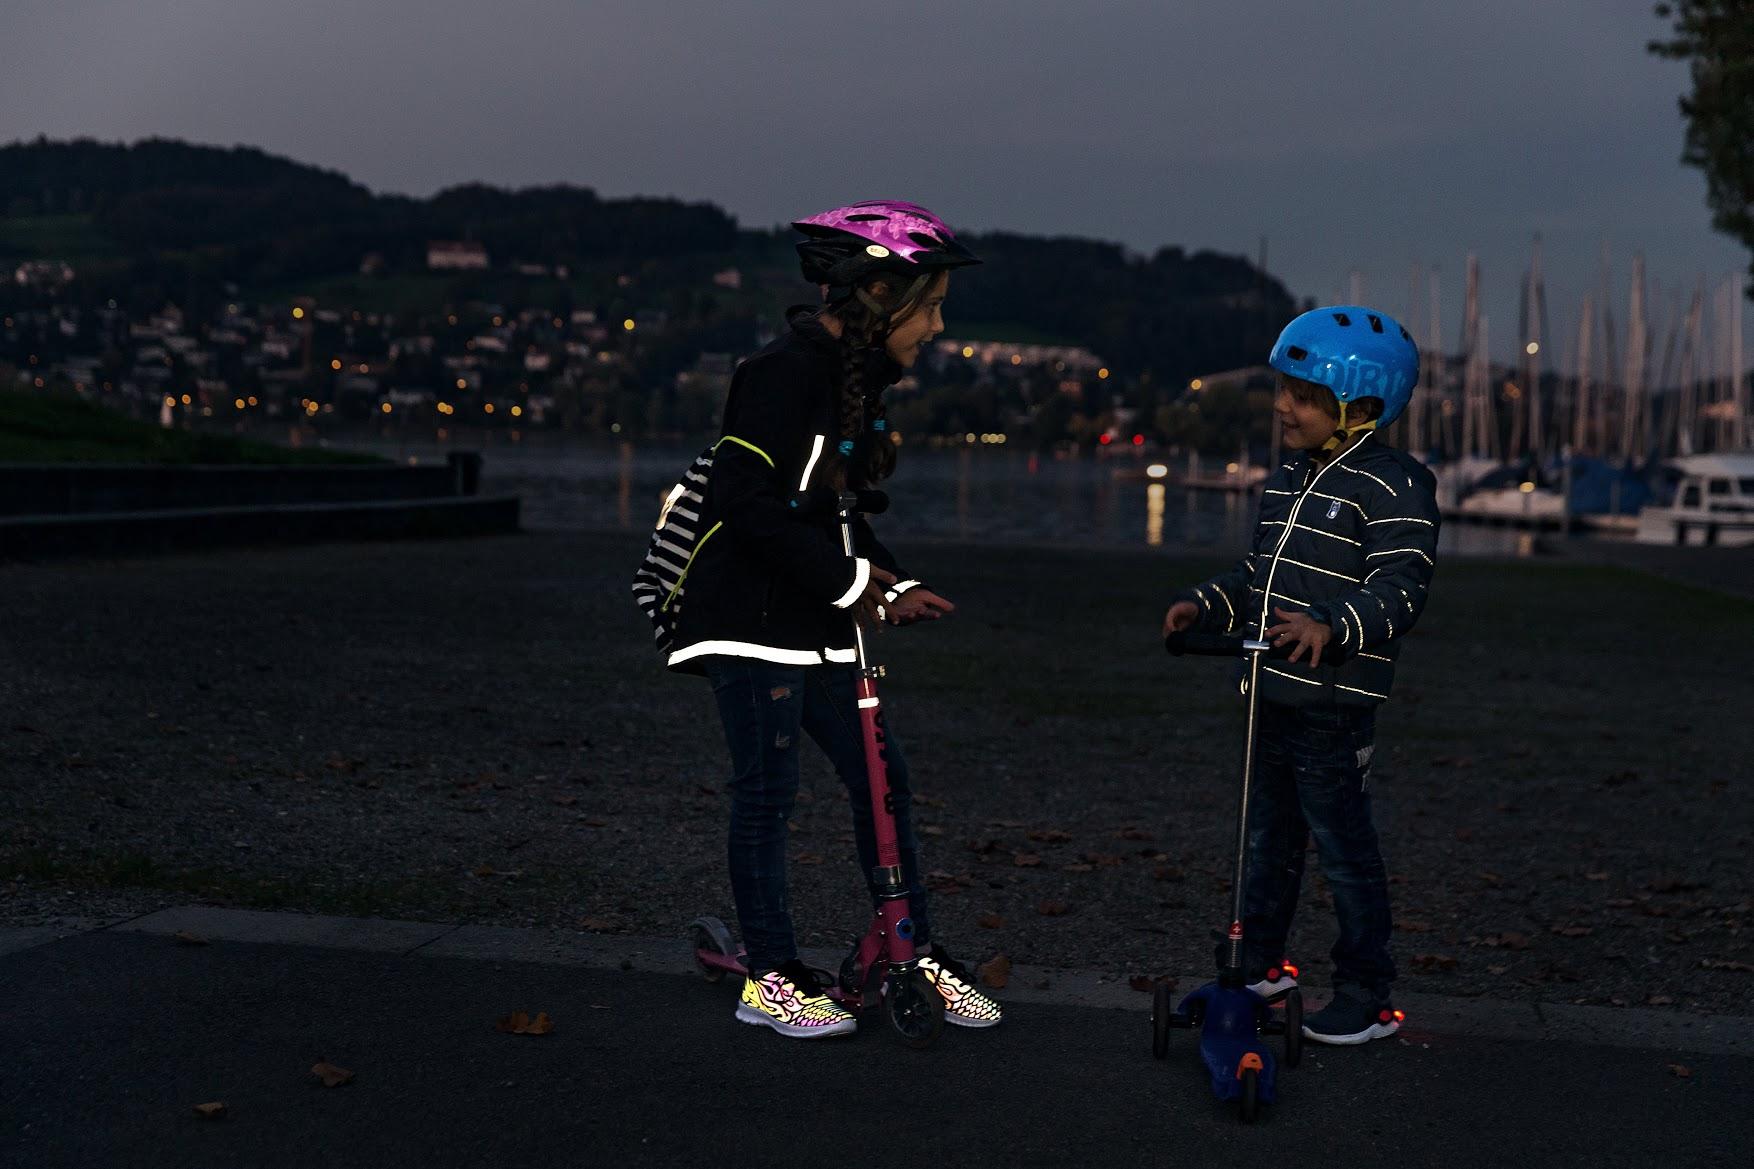 Sicurezza lungo il tragitto casa-scuola: due bambini con indumenti e accessori riflettenti